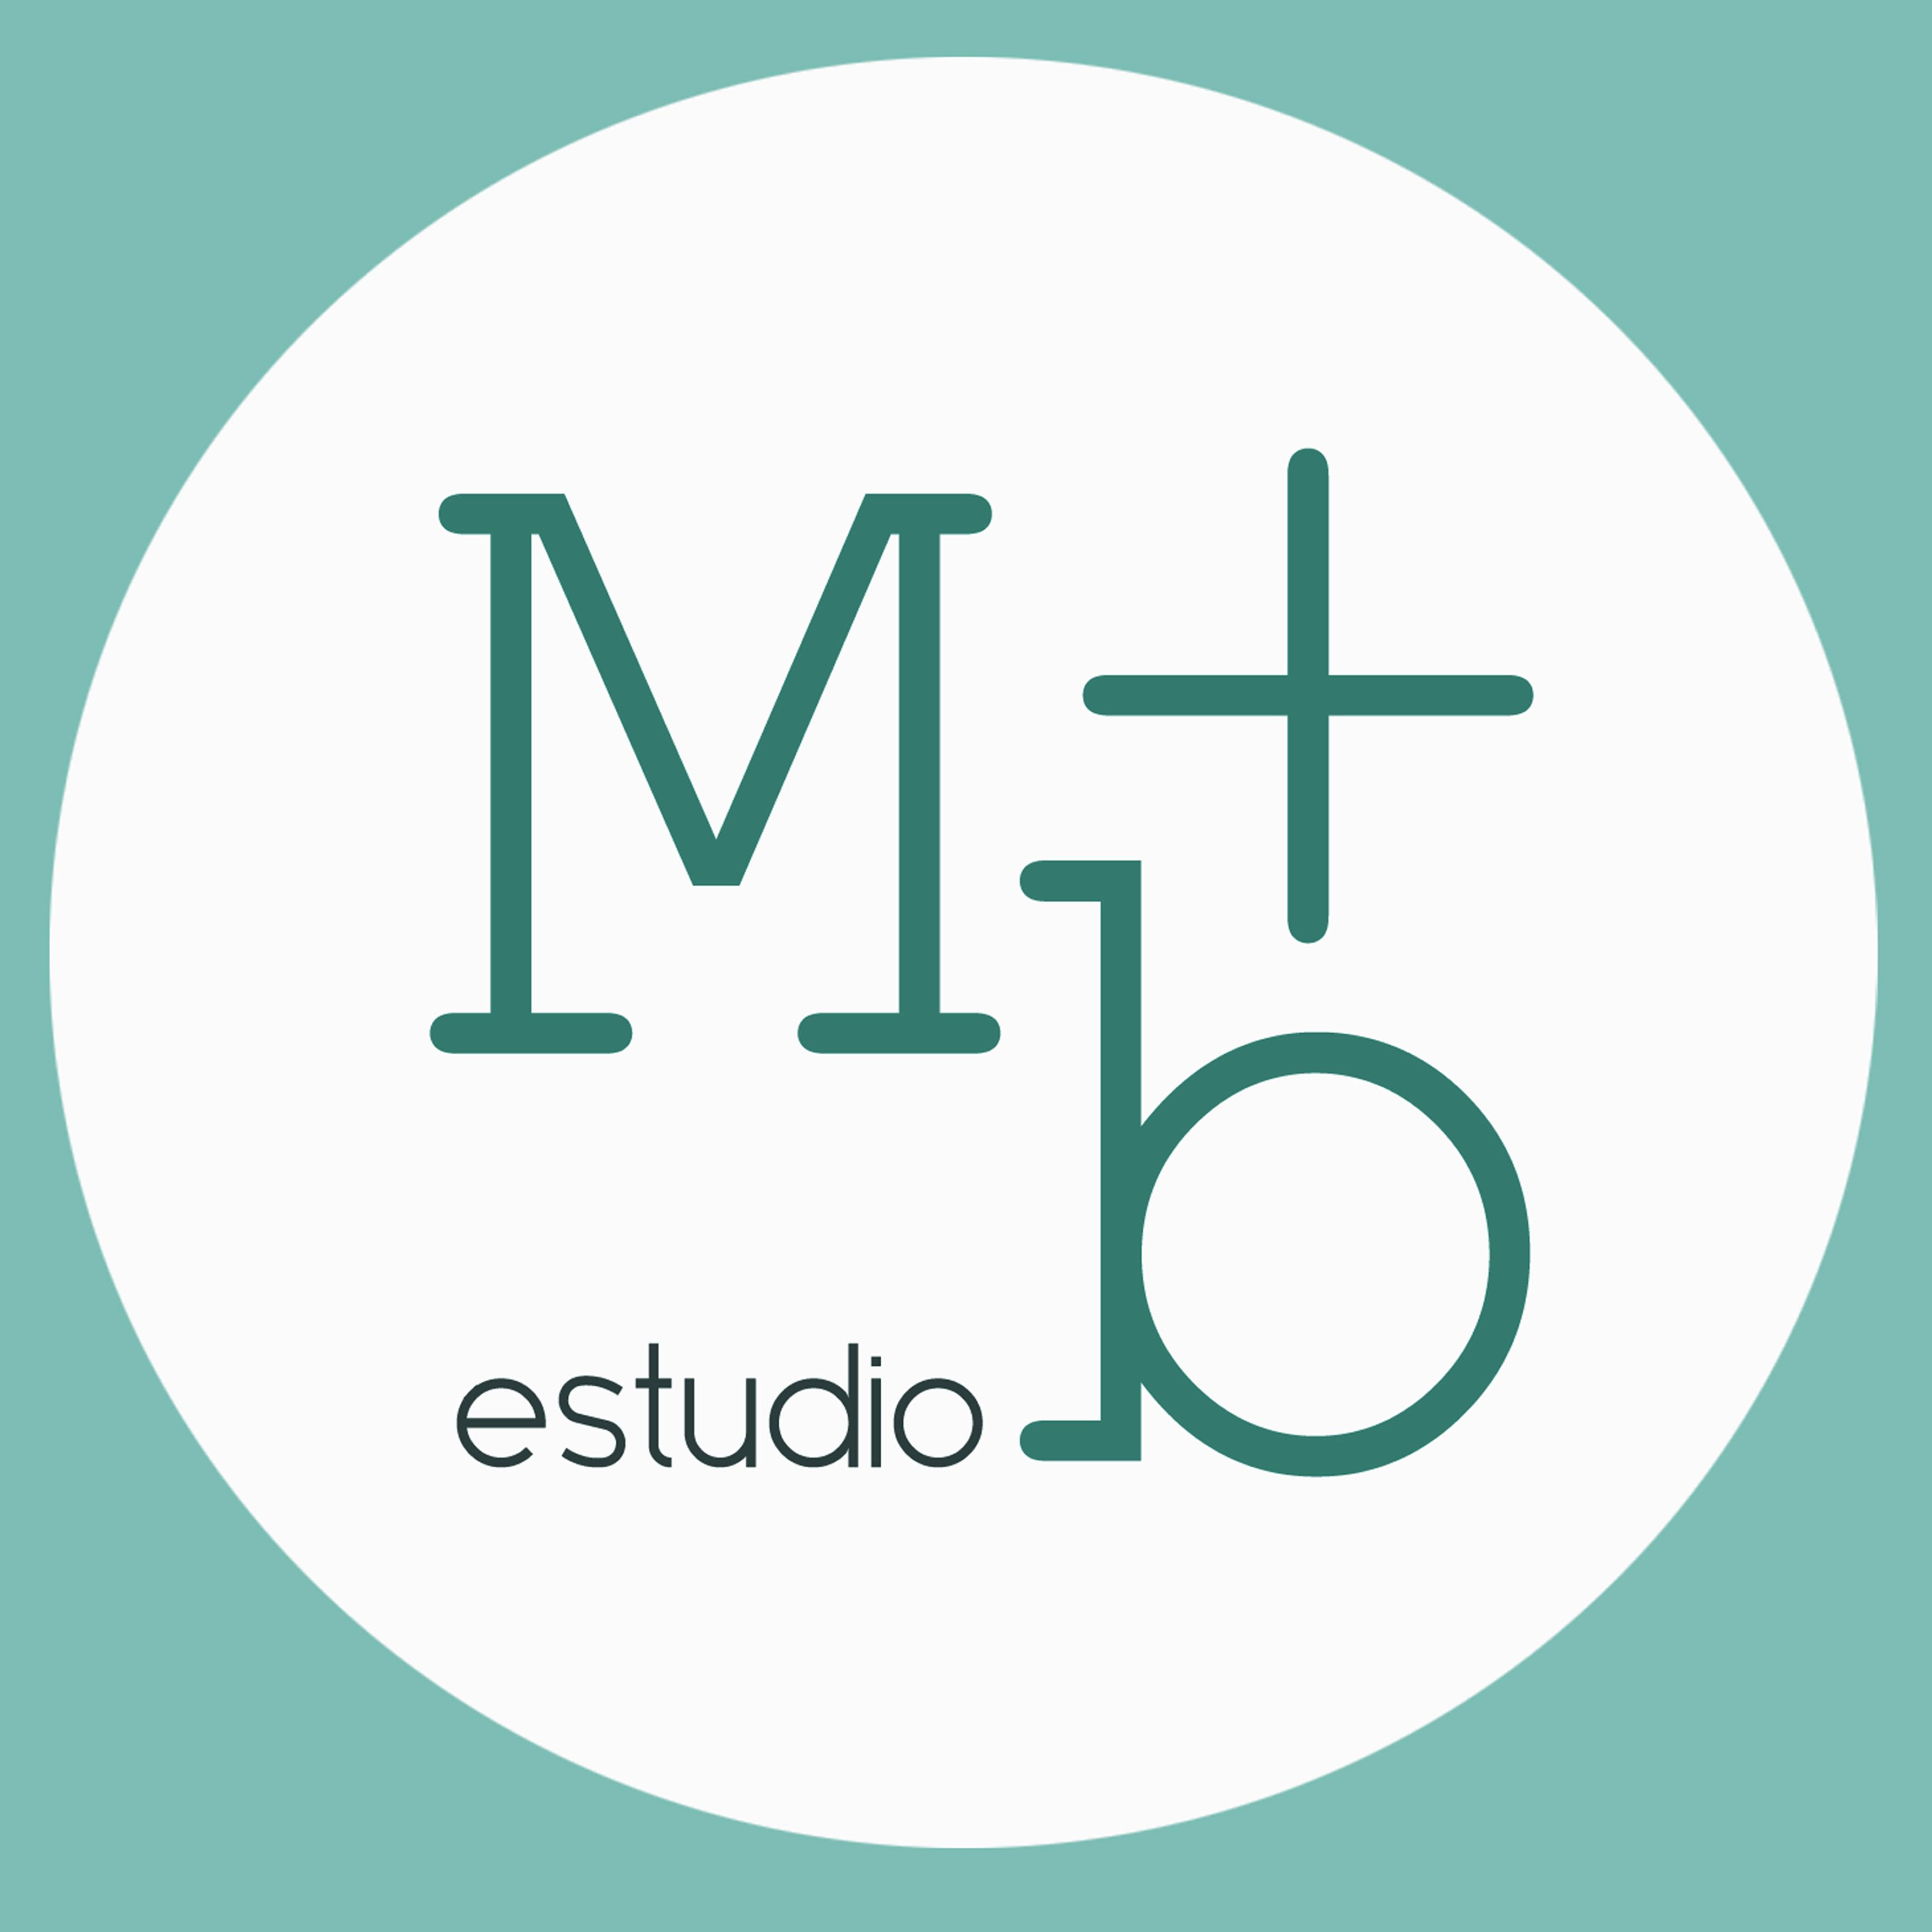 M+b Estudio